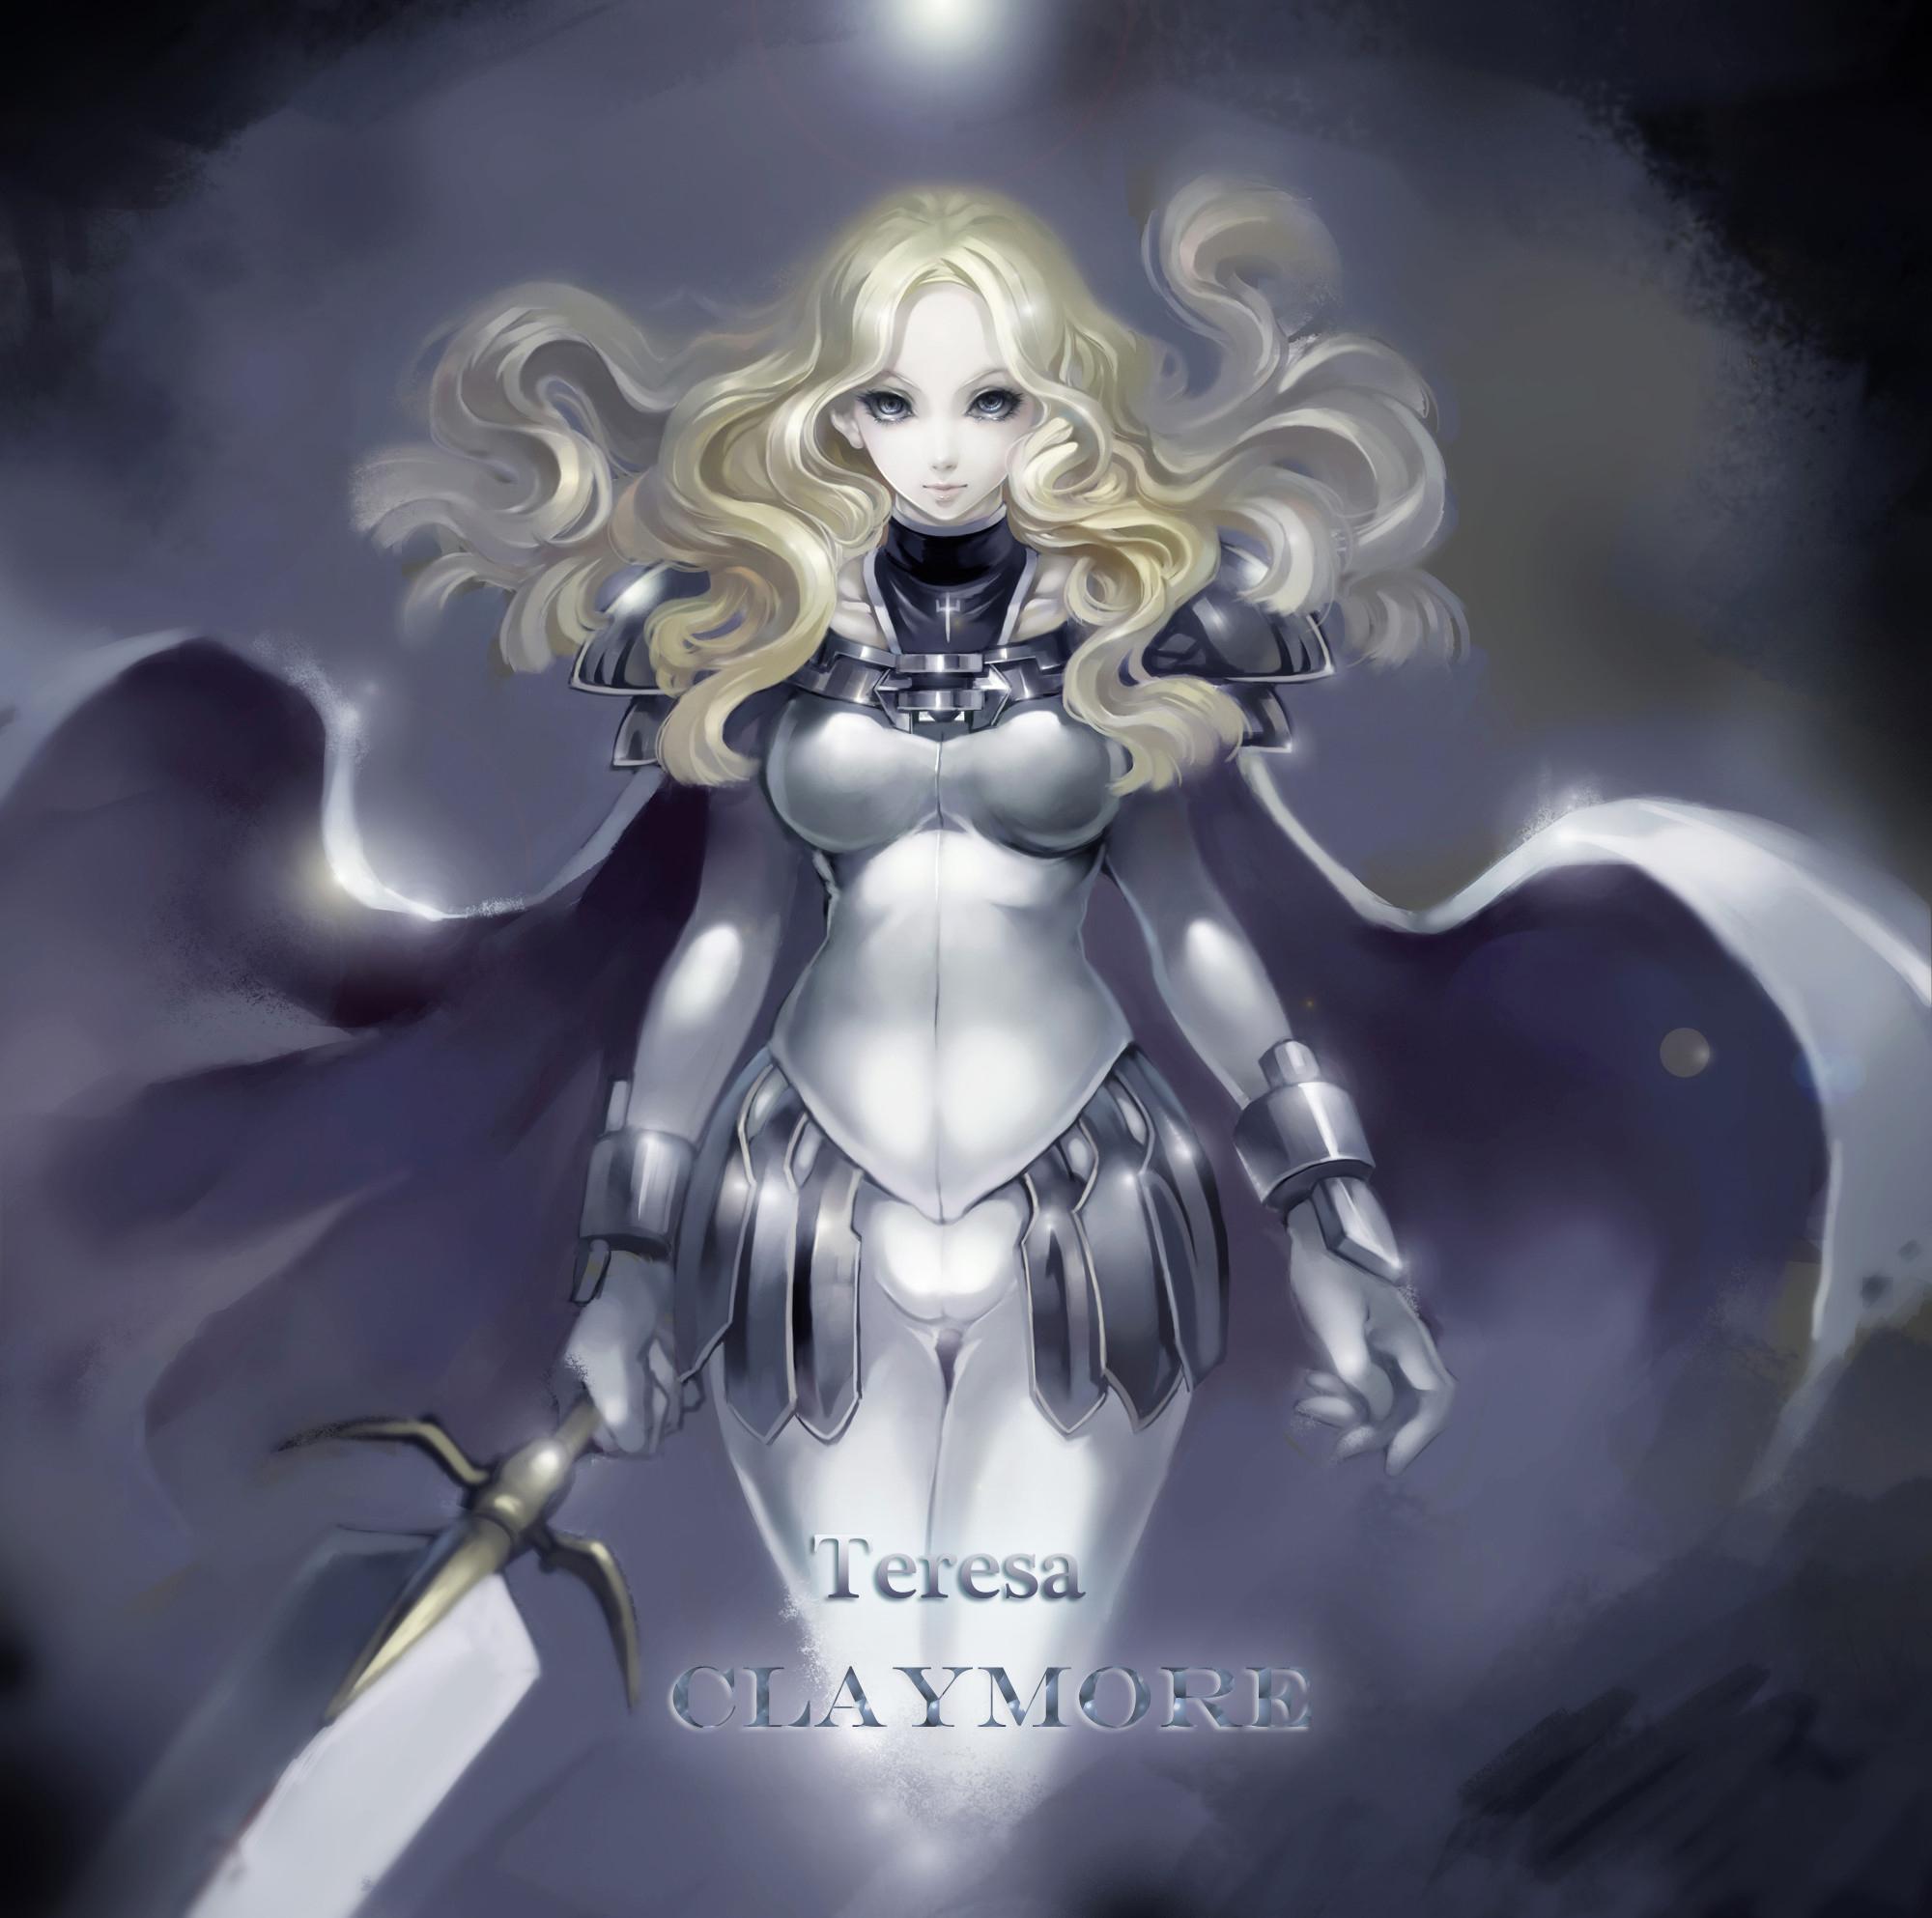 Claymore zerochan anime image board - Fanart anime wallpaper ...